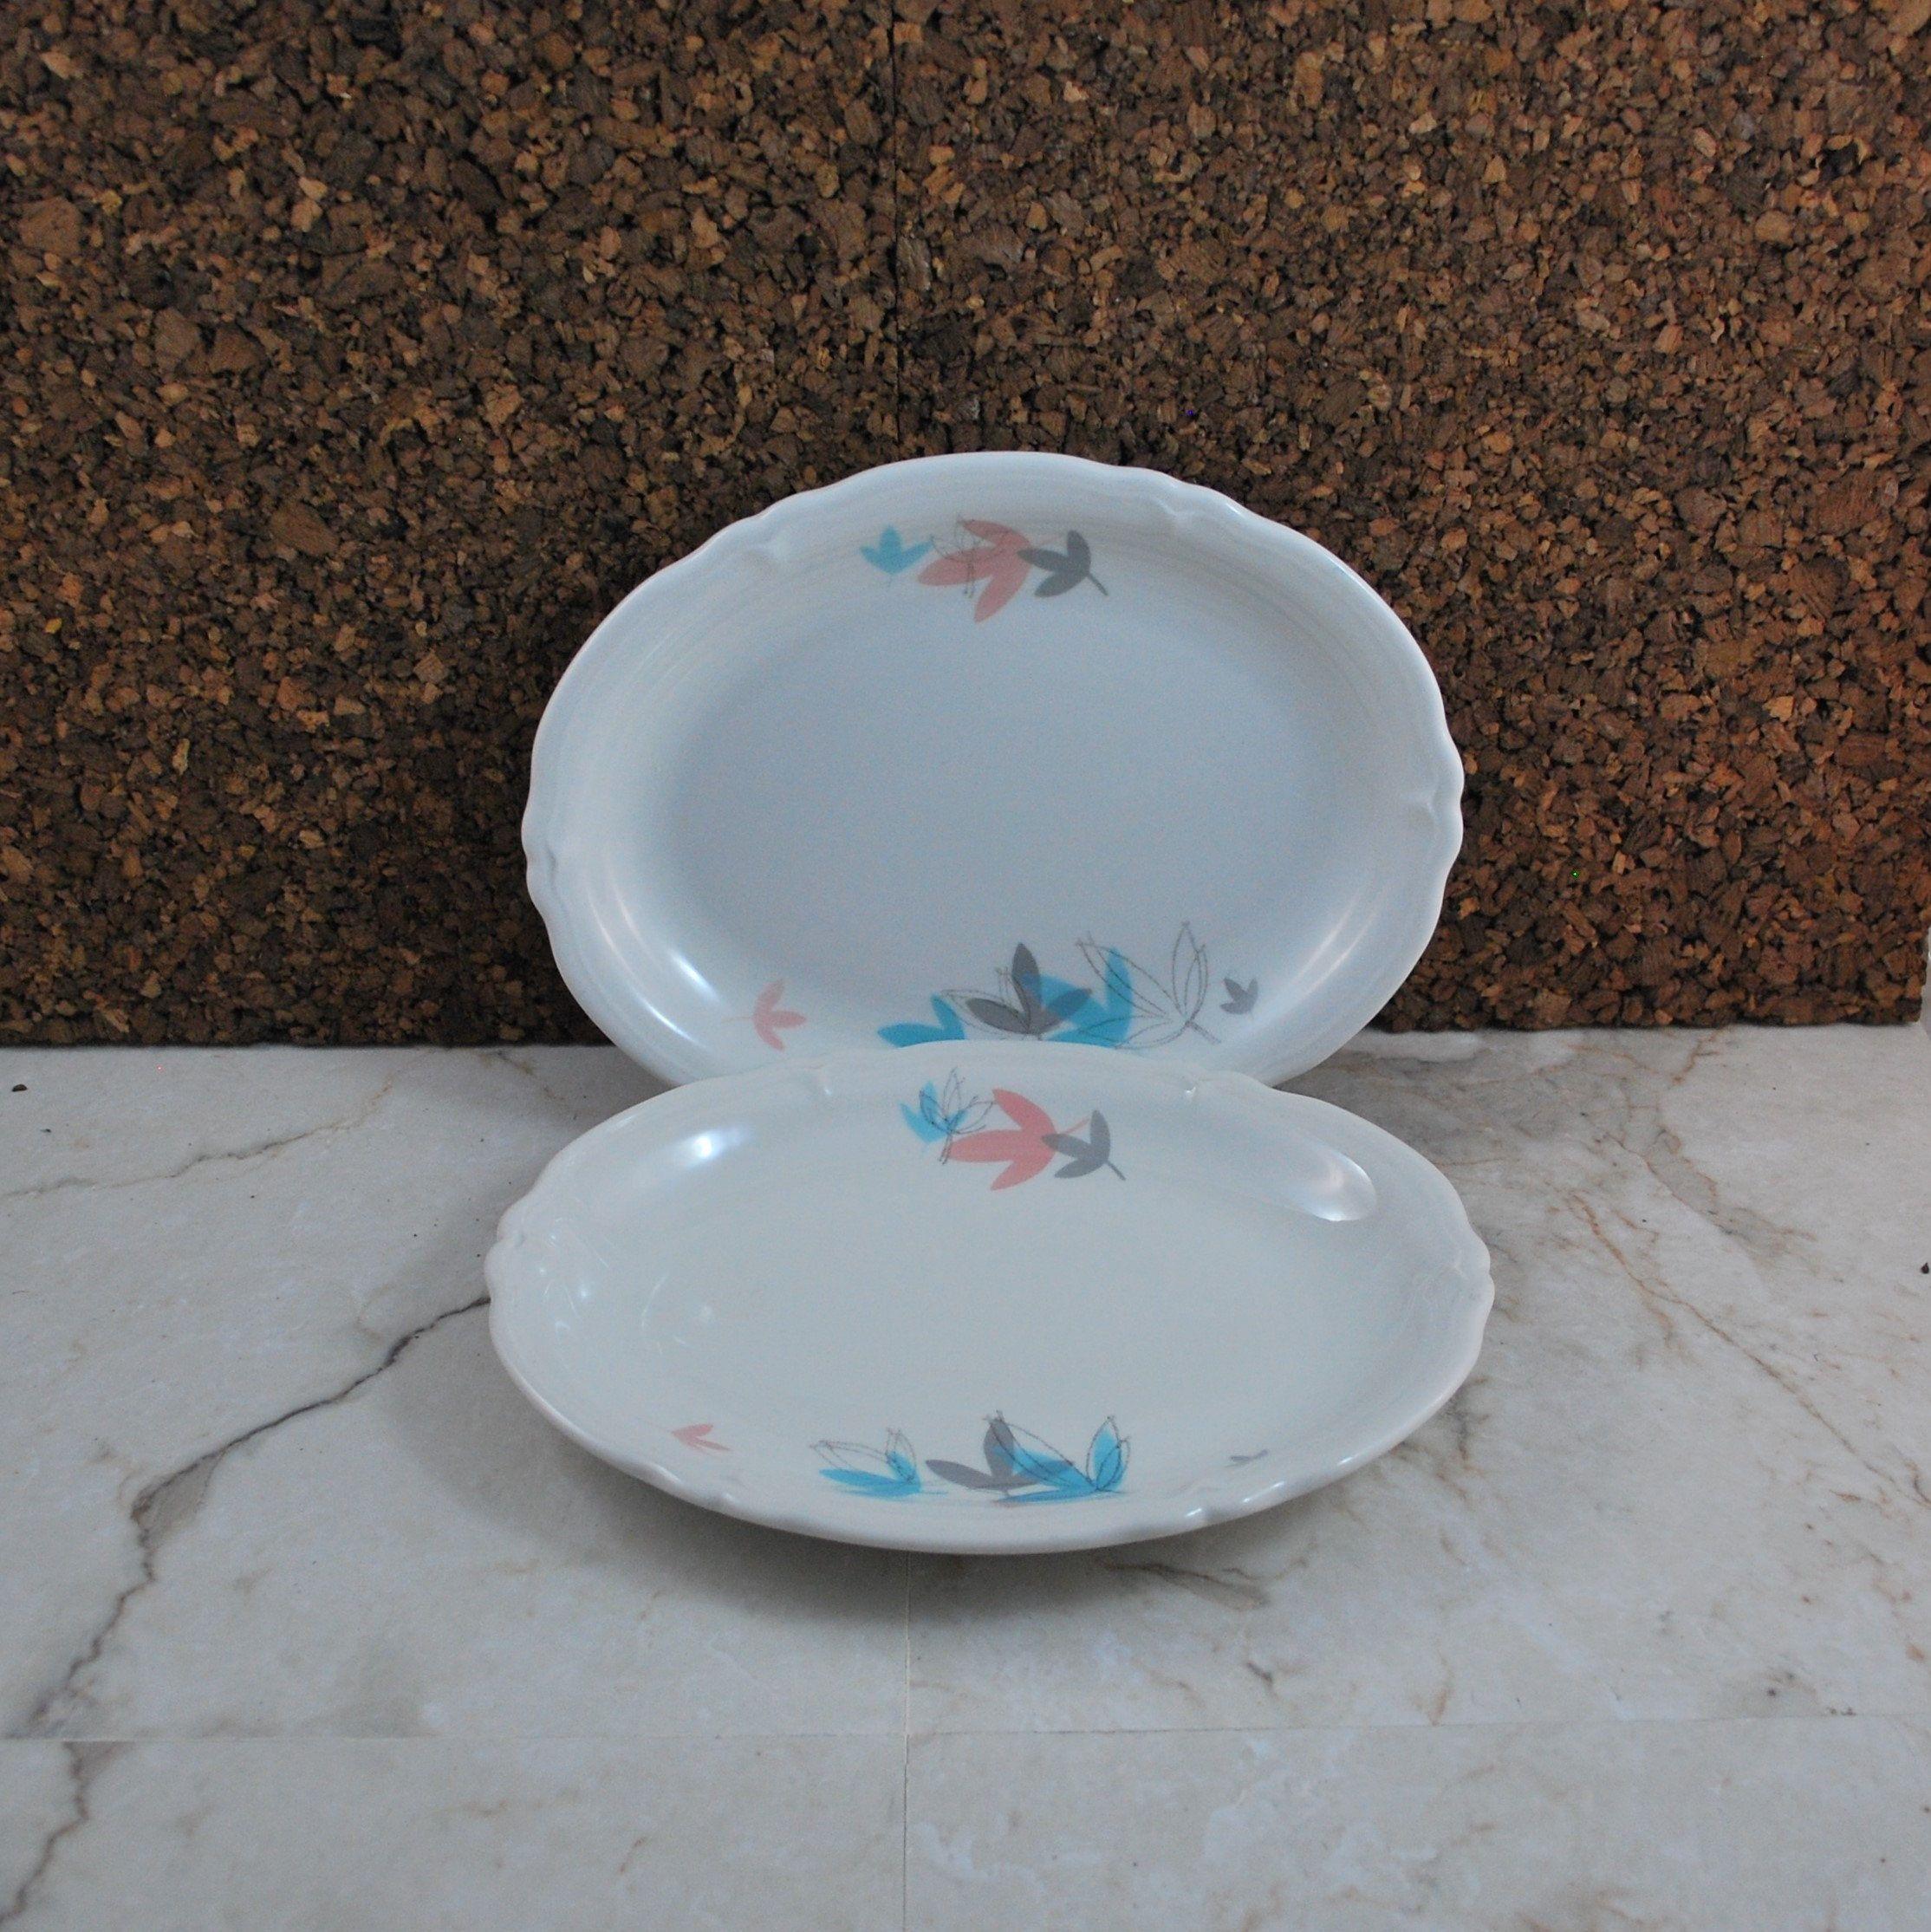 Set Of 2 Shenango Plates, SHO93, RimRoc, WelRoc, Aqua Gray